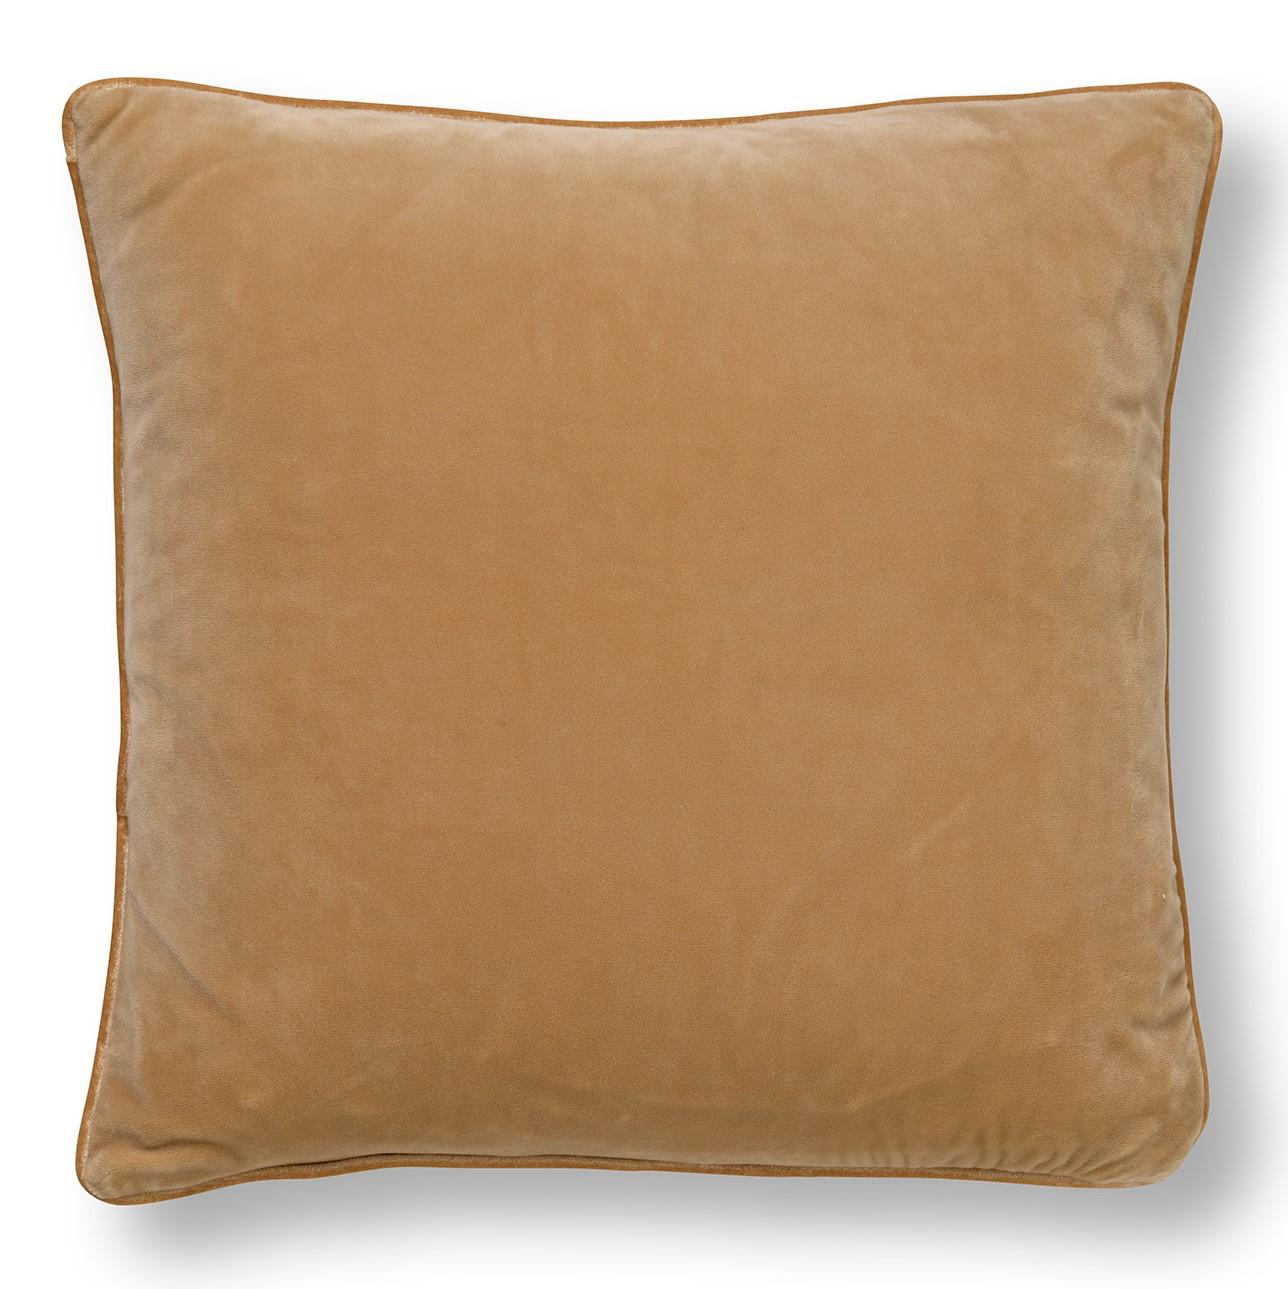 PALMER - Sierkussen velvet Pumice Stone 45x45 cm